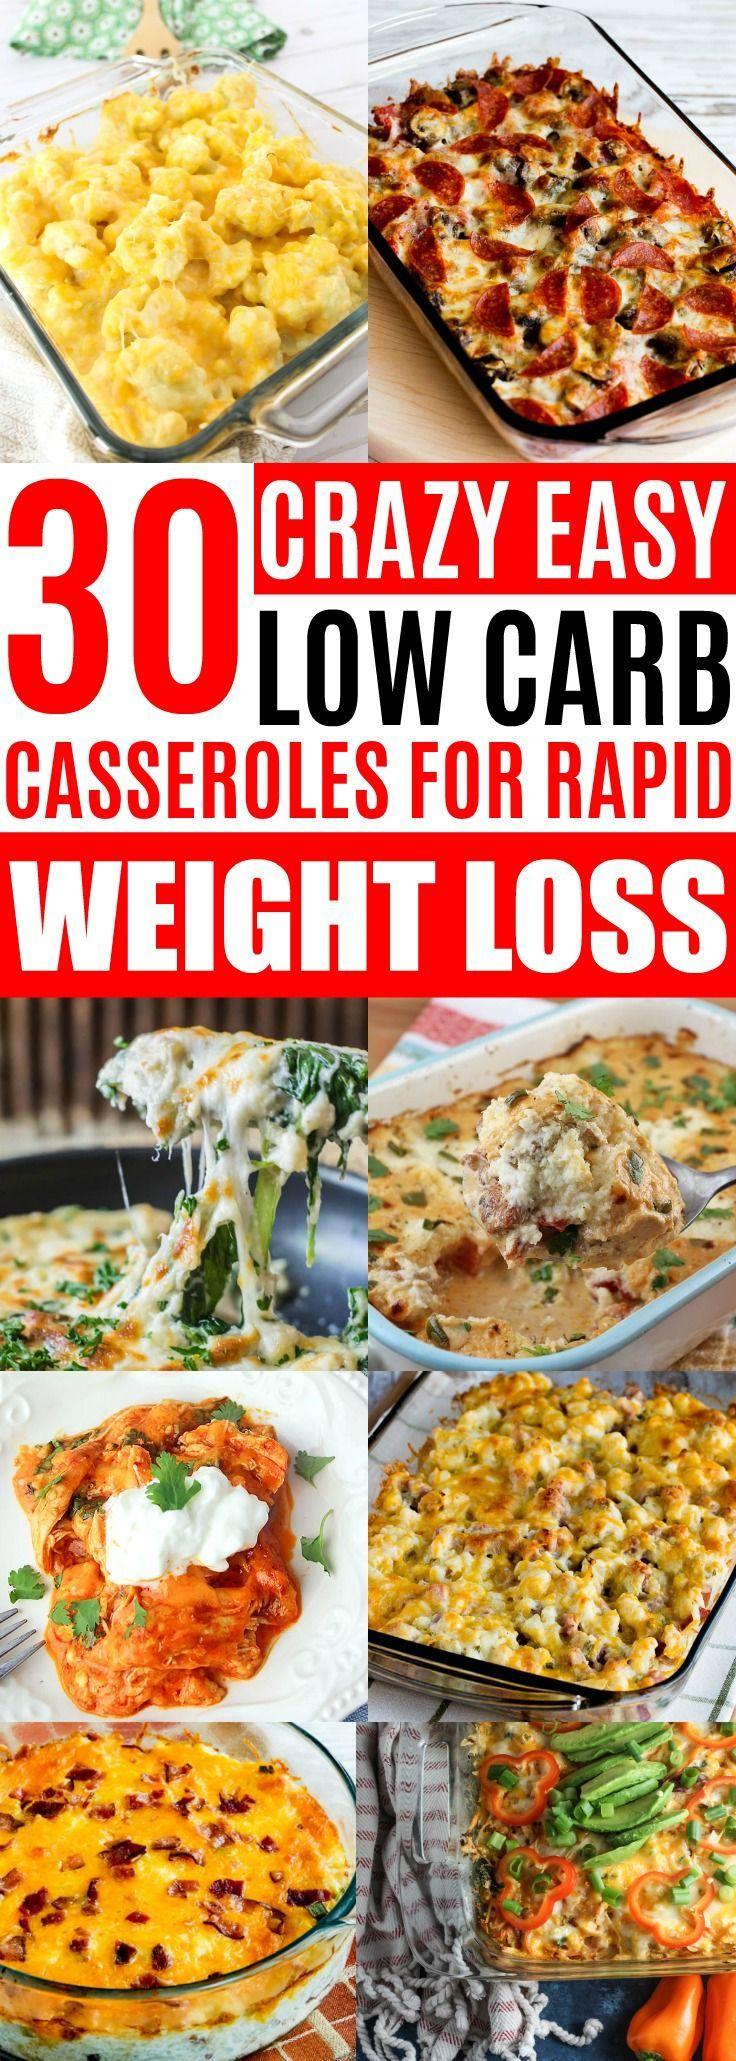 Low Carb Caserole Recipes Keto Casseroles Keto